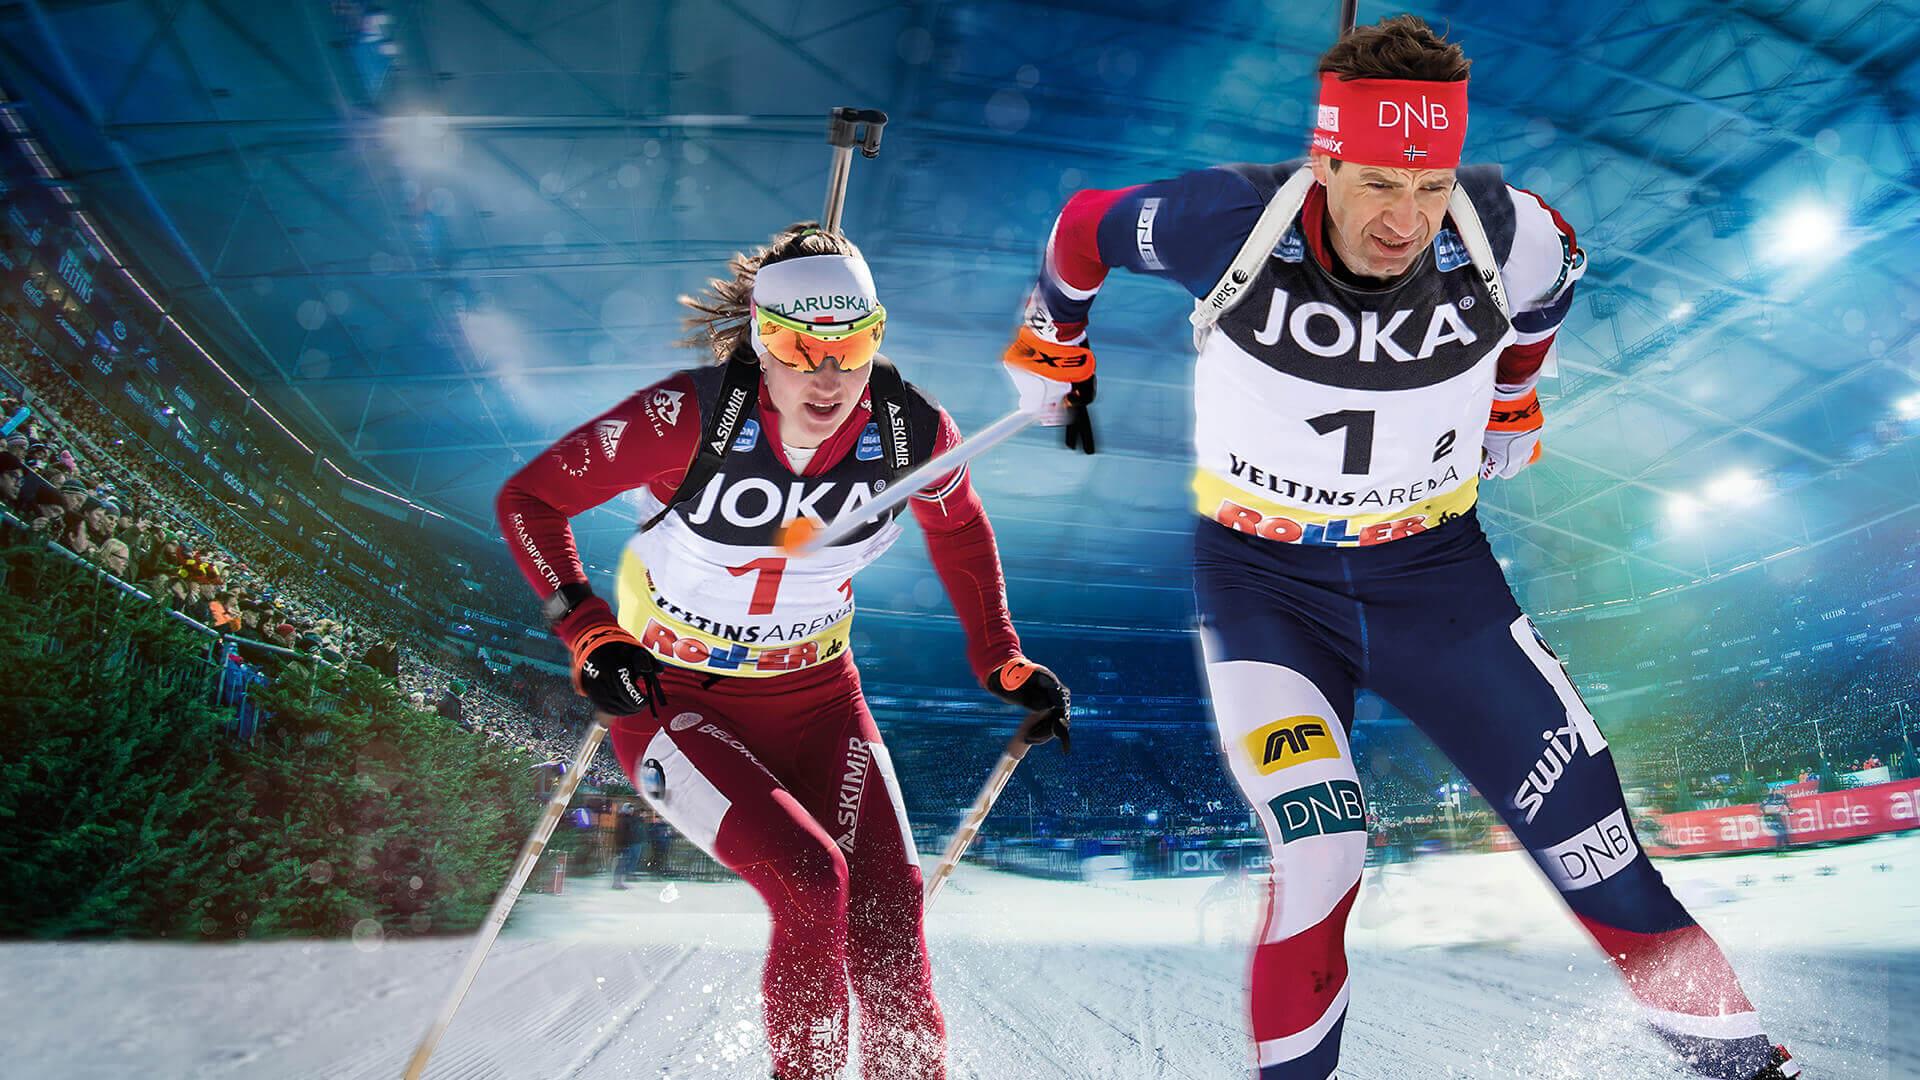 Ole Einar Björndalen und Darja Domratschewa in der VELTINS-Arena